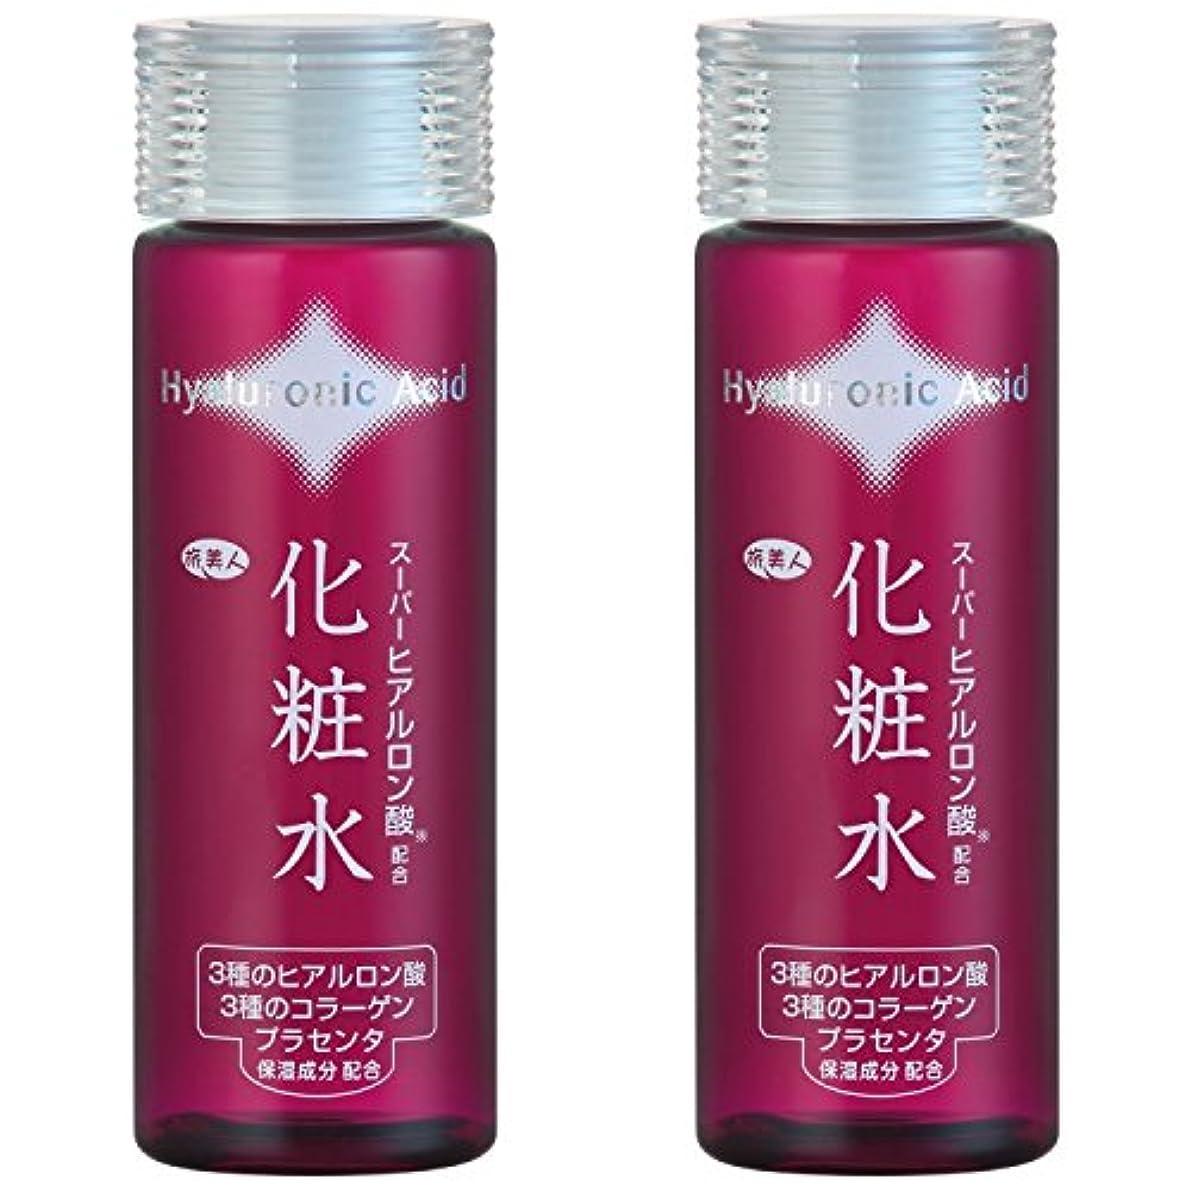 文言接続類似性アズマ商事の スーパーヒアルロン酸配合 化粧水2本セット / 7種の整肌保湿成分を贅沢配合 旅美人